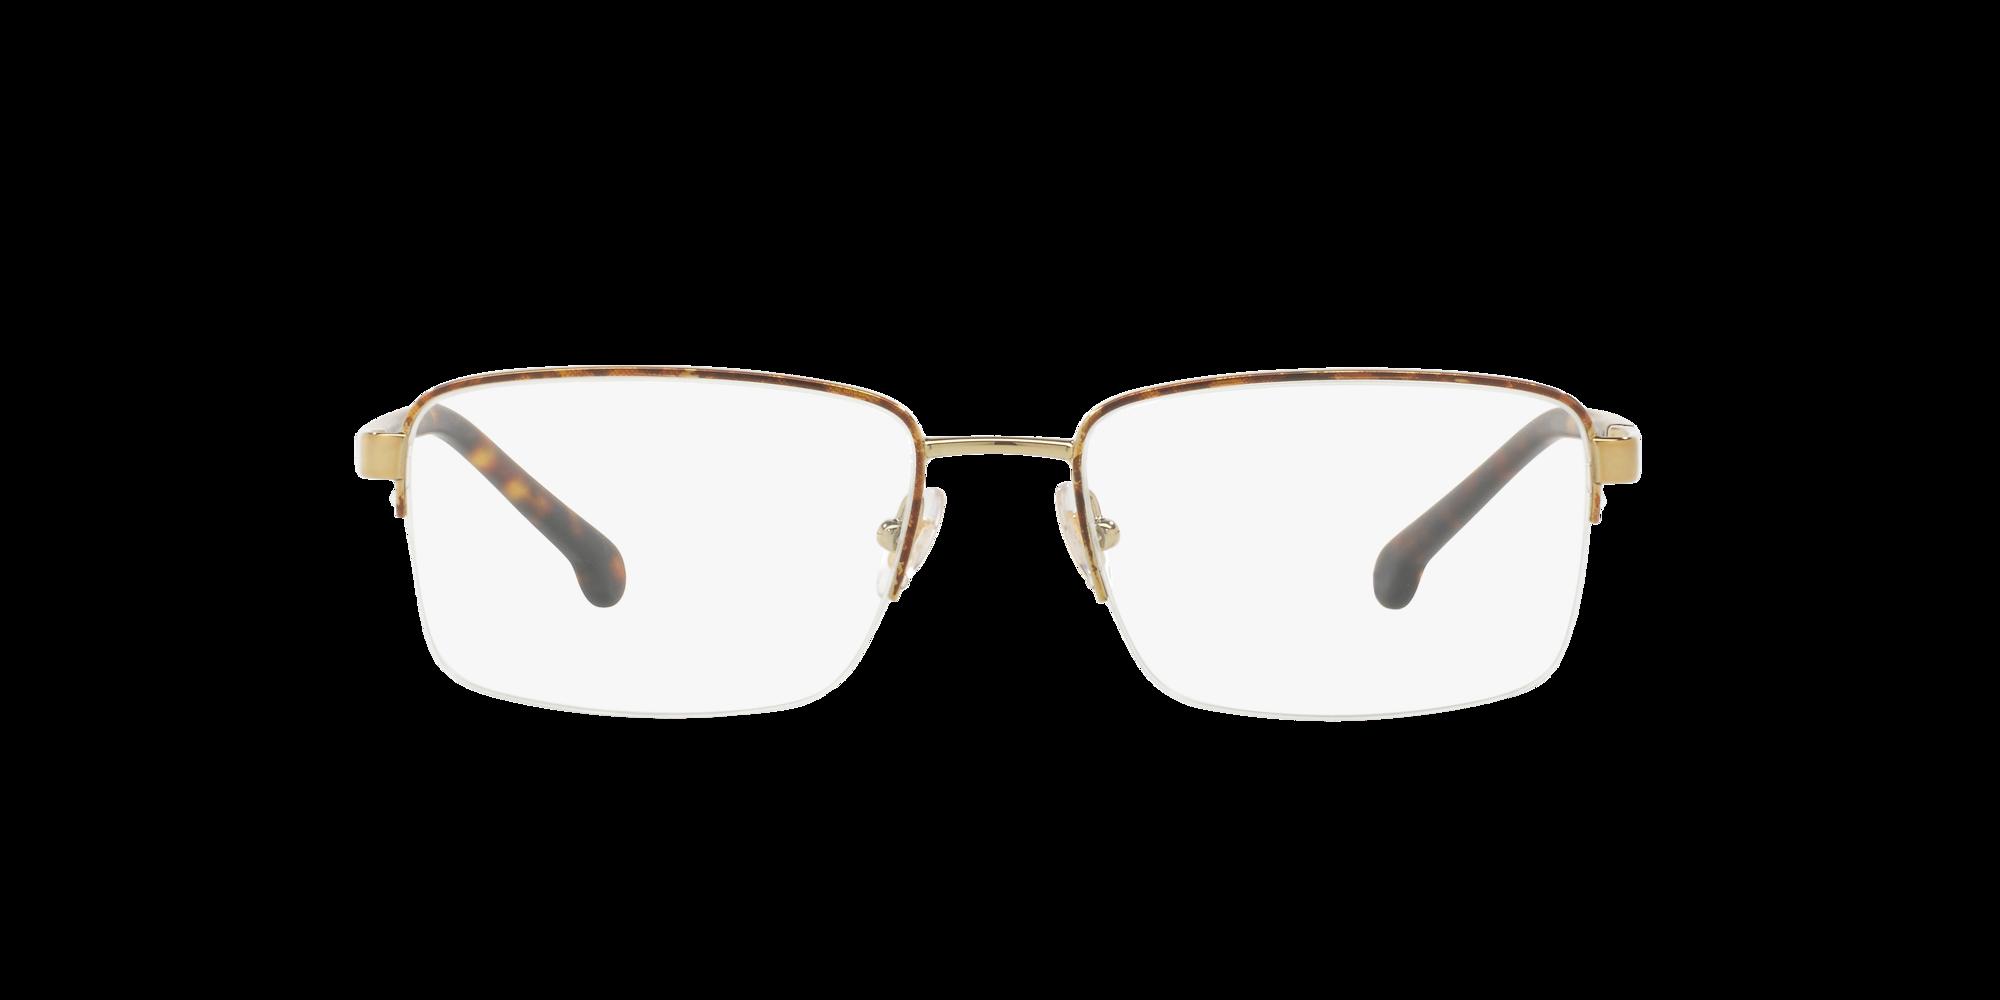 Imagen para BB1044 de LensCrafters |  Espejuelos, espejuelos graduados en línea, gafas